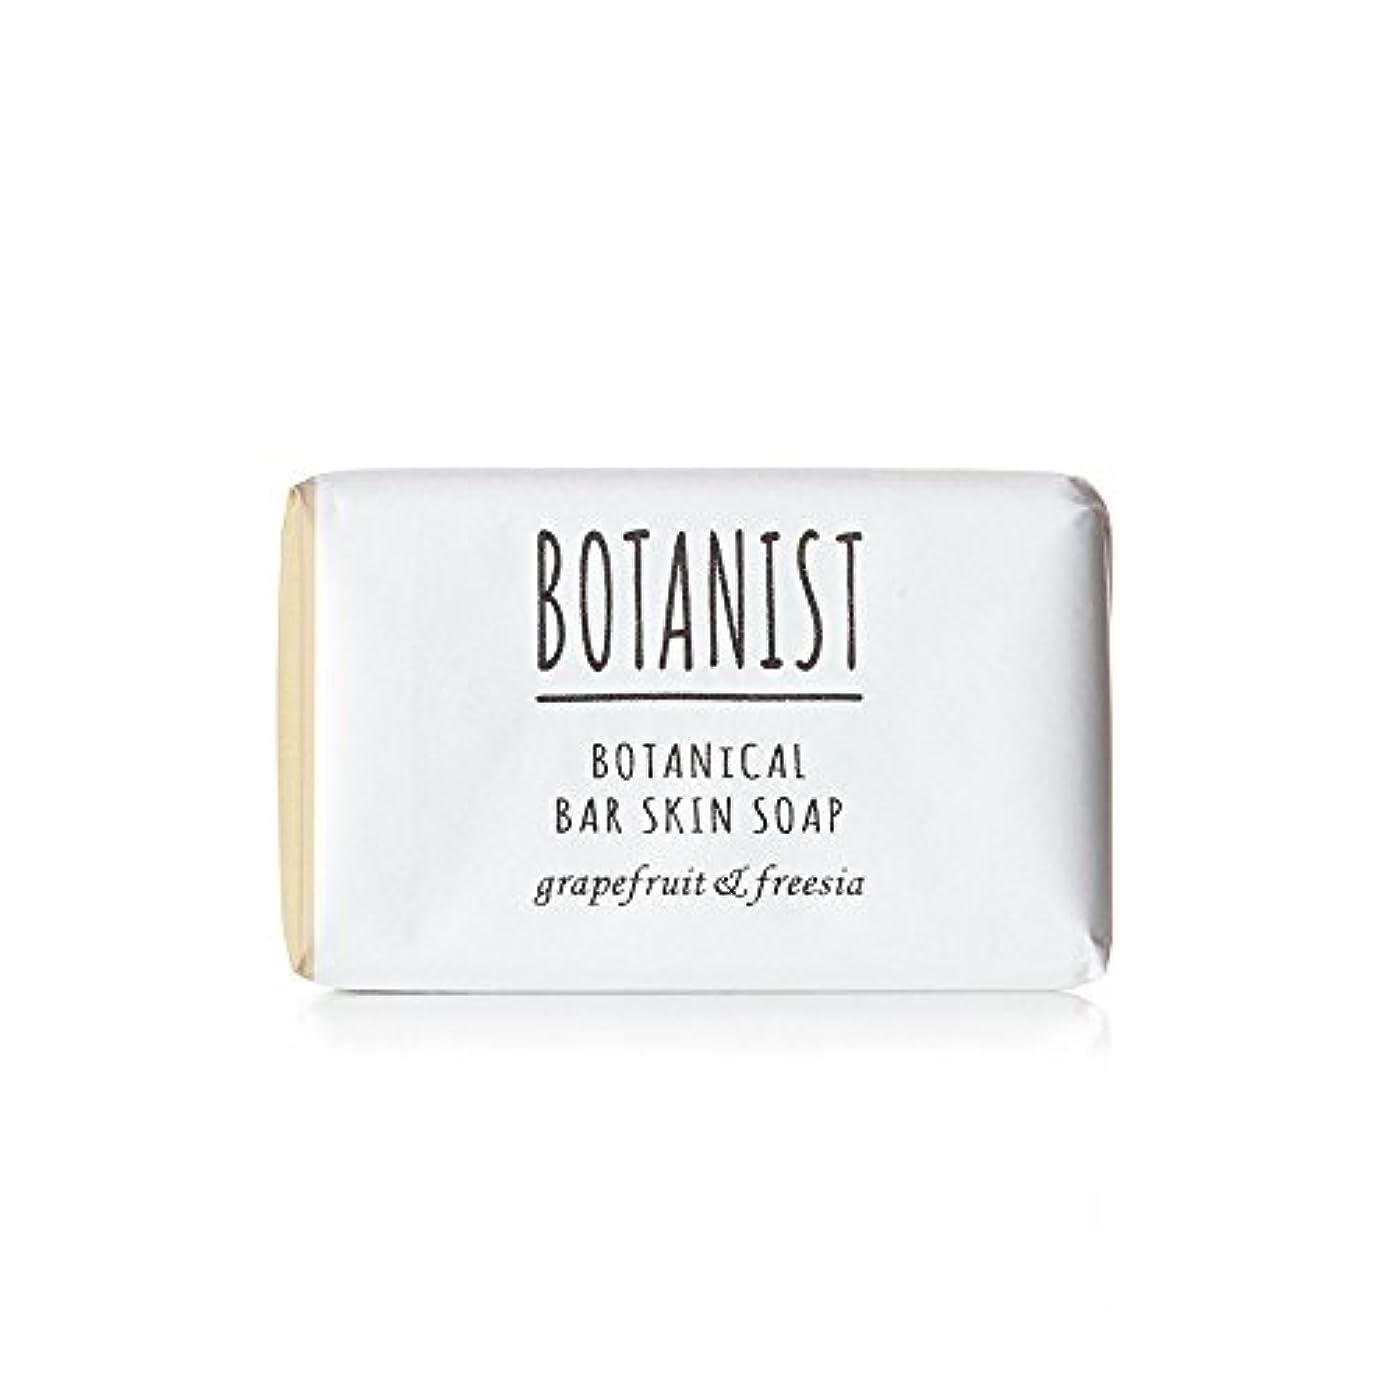 柔和精巧なサーフィンBOTANIST ボタニスト ボタニカル バースキンソープ 100g グレープフルーツ&フリージア